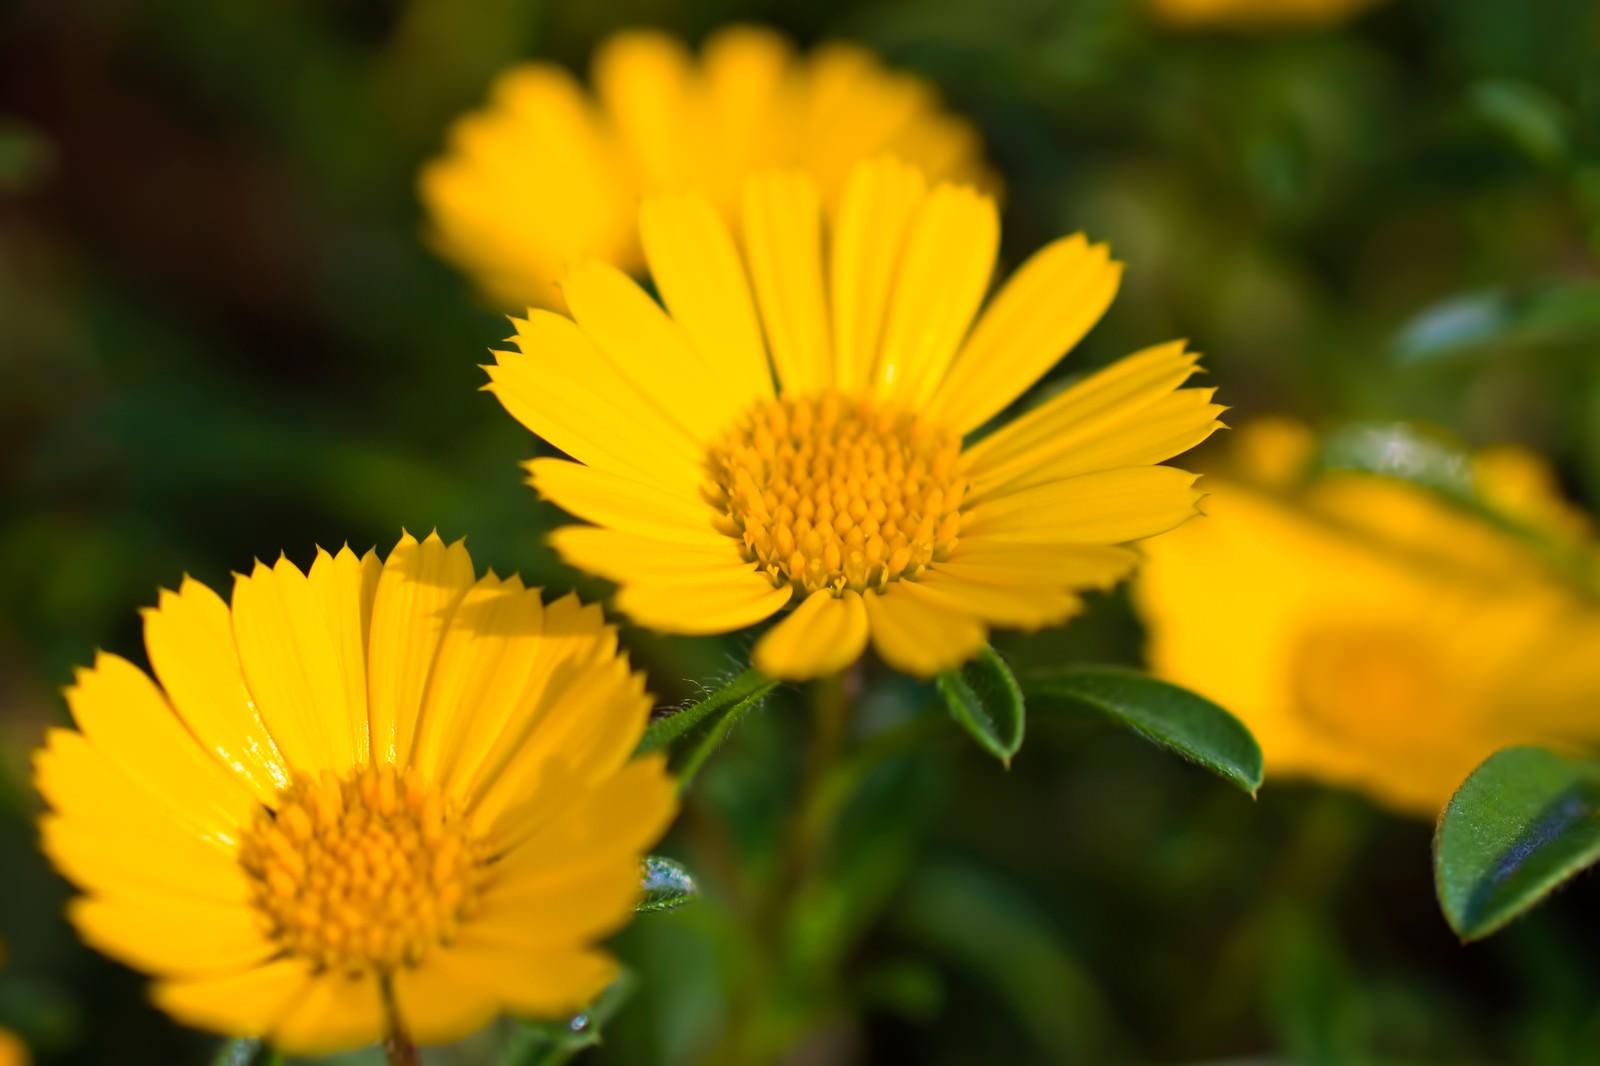 「黄色く咲く花」の写真